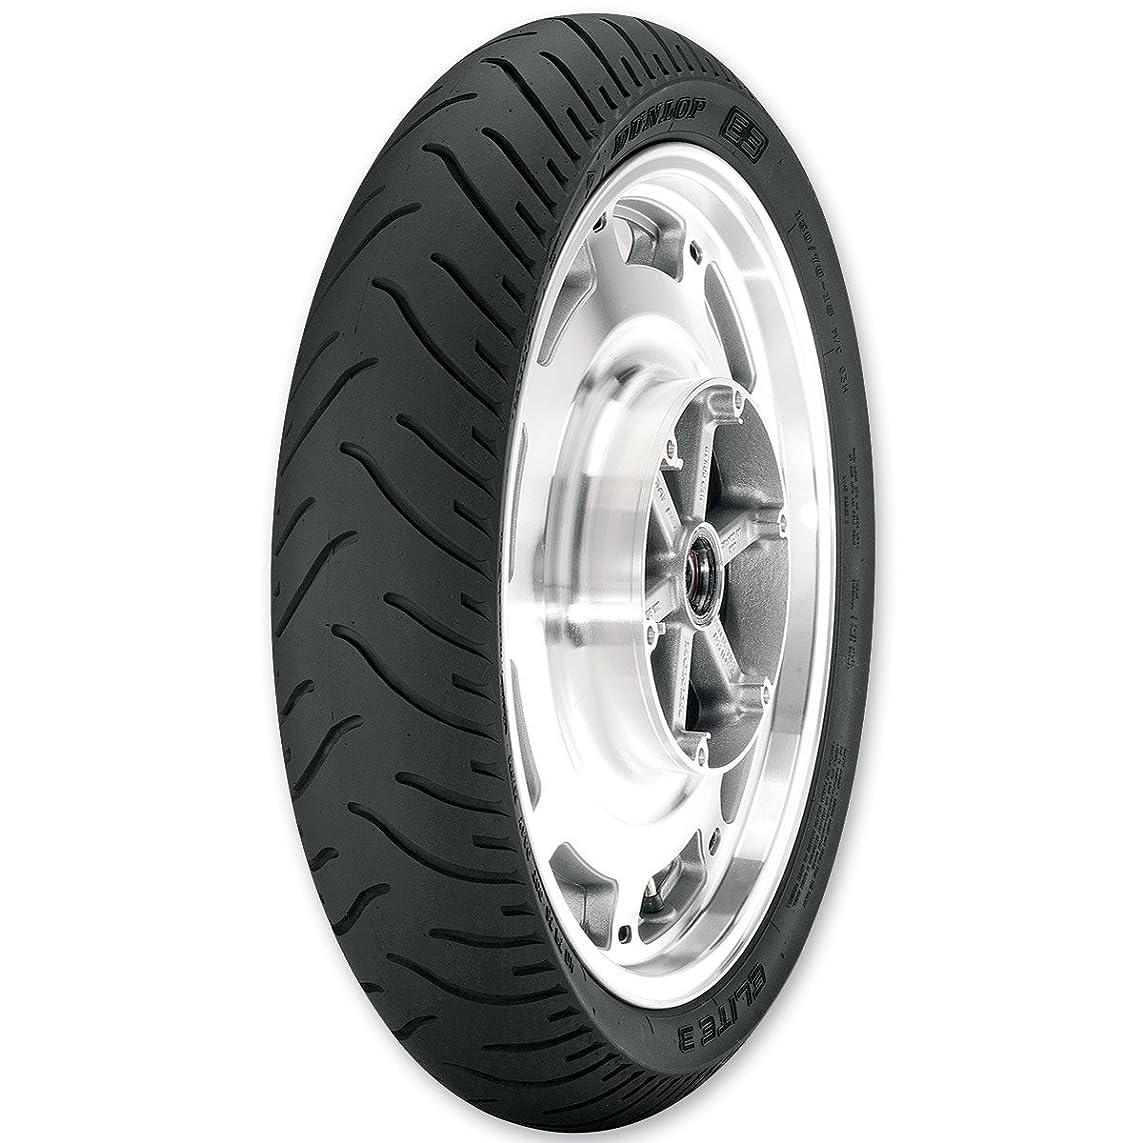 Dunlop Elite 3 120/70R21 Front Tire 45091445